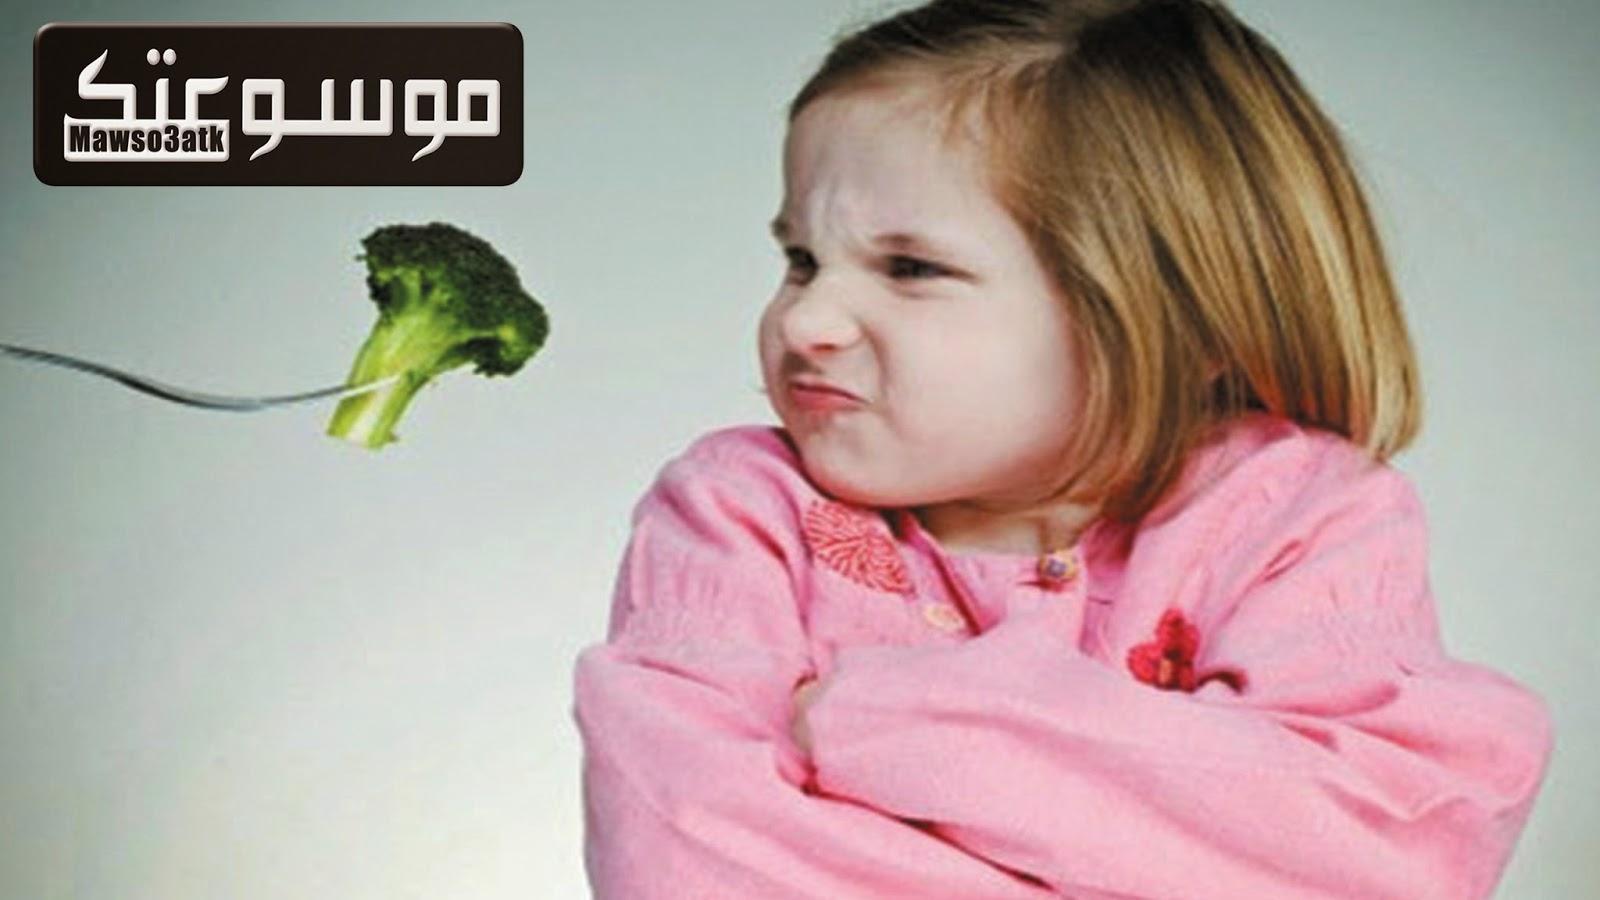 اسباب ضعف شهية لدى الأطفال وطرق لعلاجها